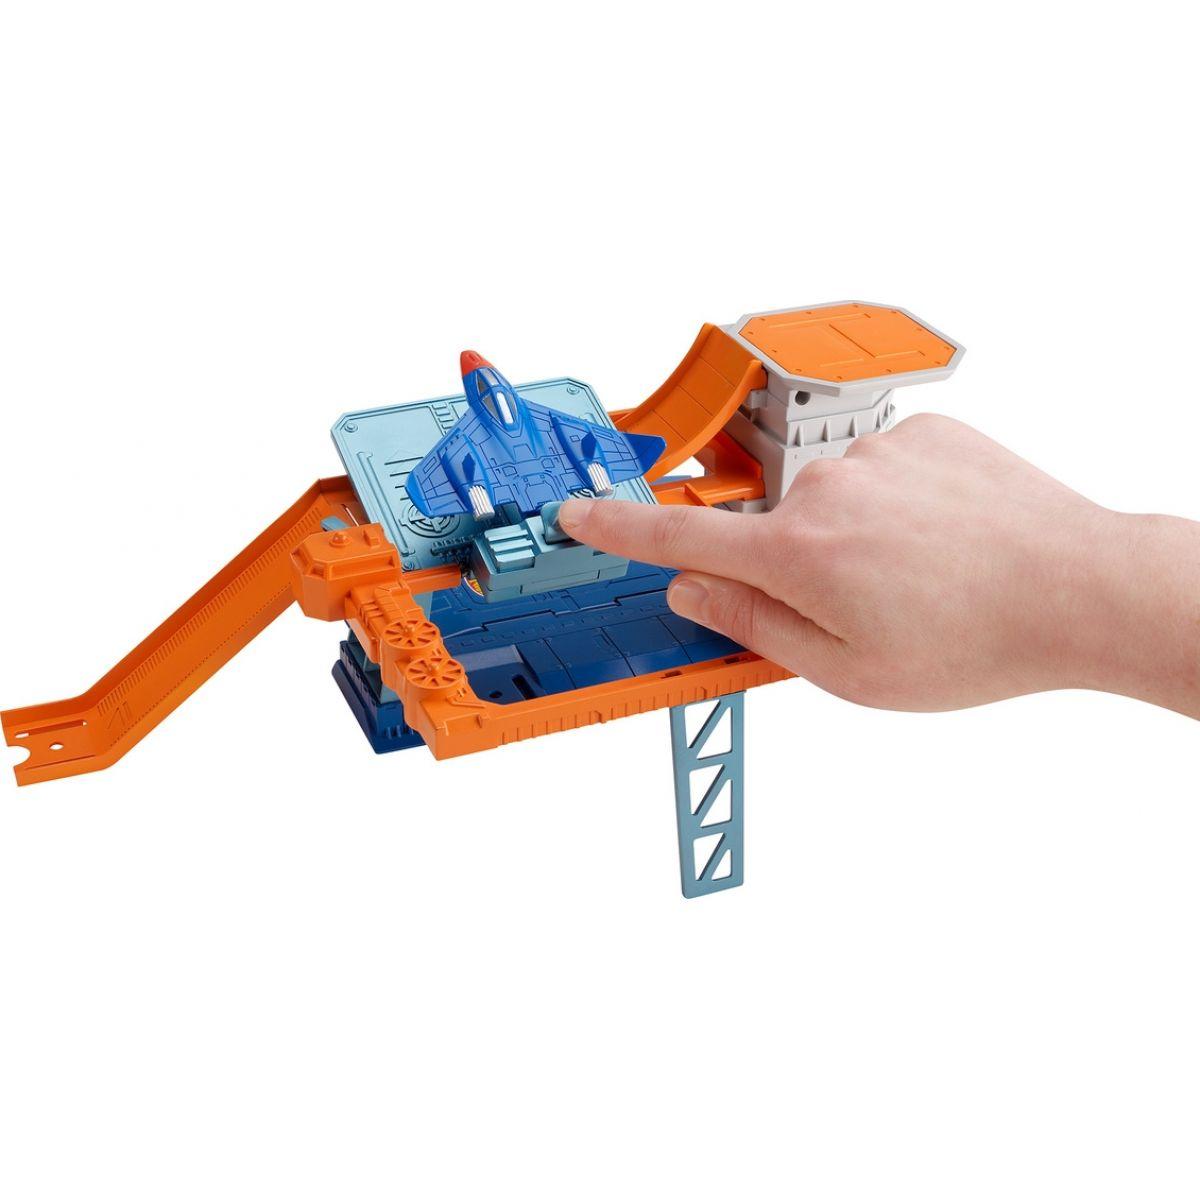 Hot Wheels X9295 klasická hrací sada - Odpalovací rampa #2